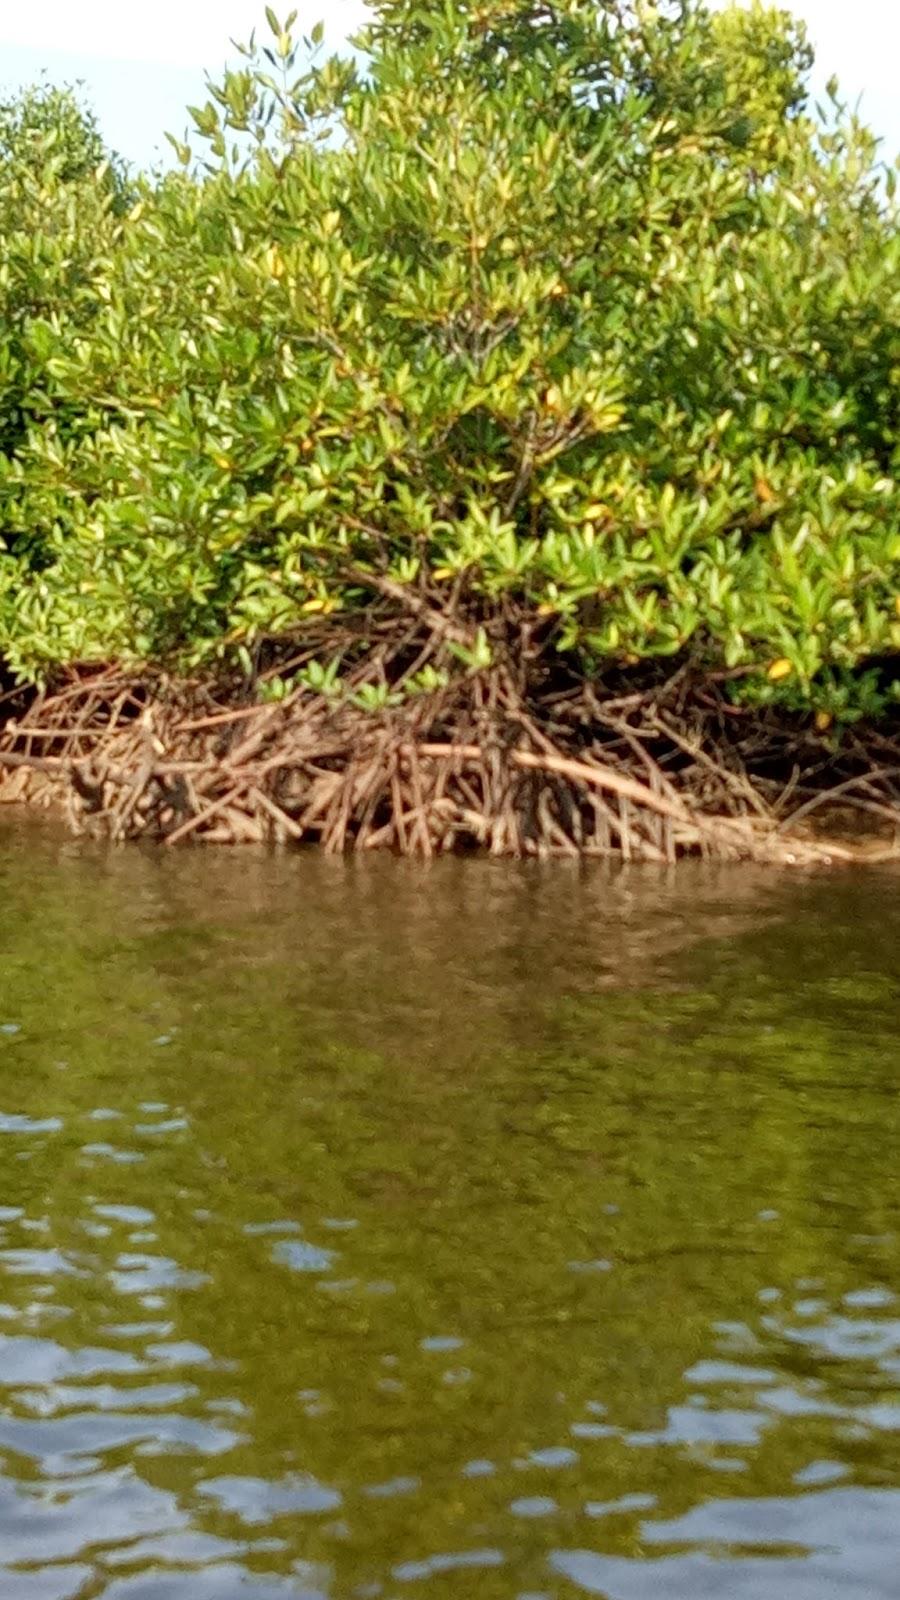 Sebutkan Manfaat Hutan Mangrove : sebutkan, manfaat, hutan, mangrove, KEHUTANAN:, Dampak, Kerusakan, Hutan, Mangrove, Terhadap, Kehidupan